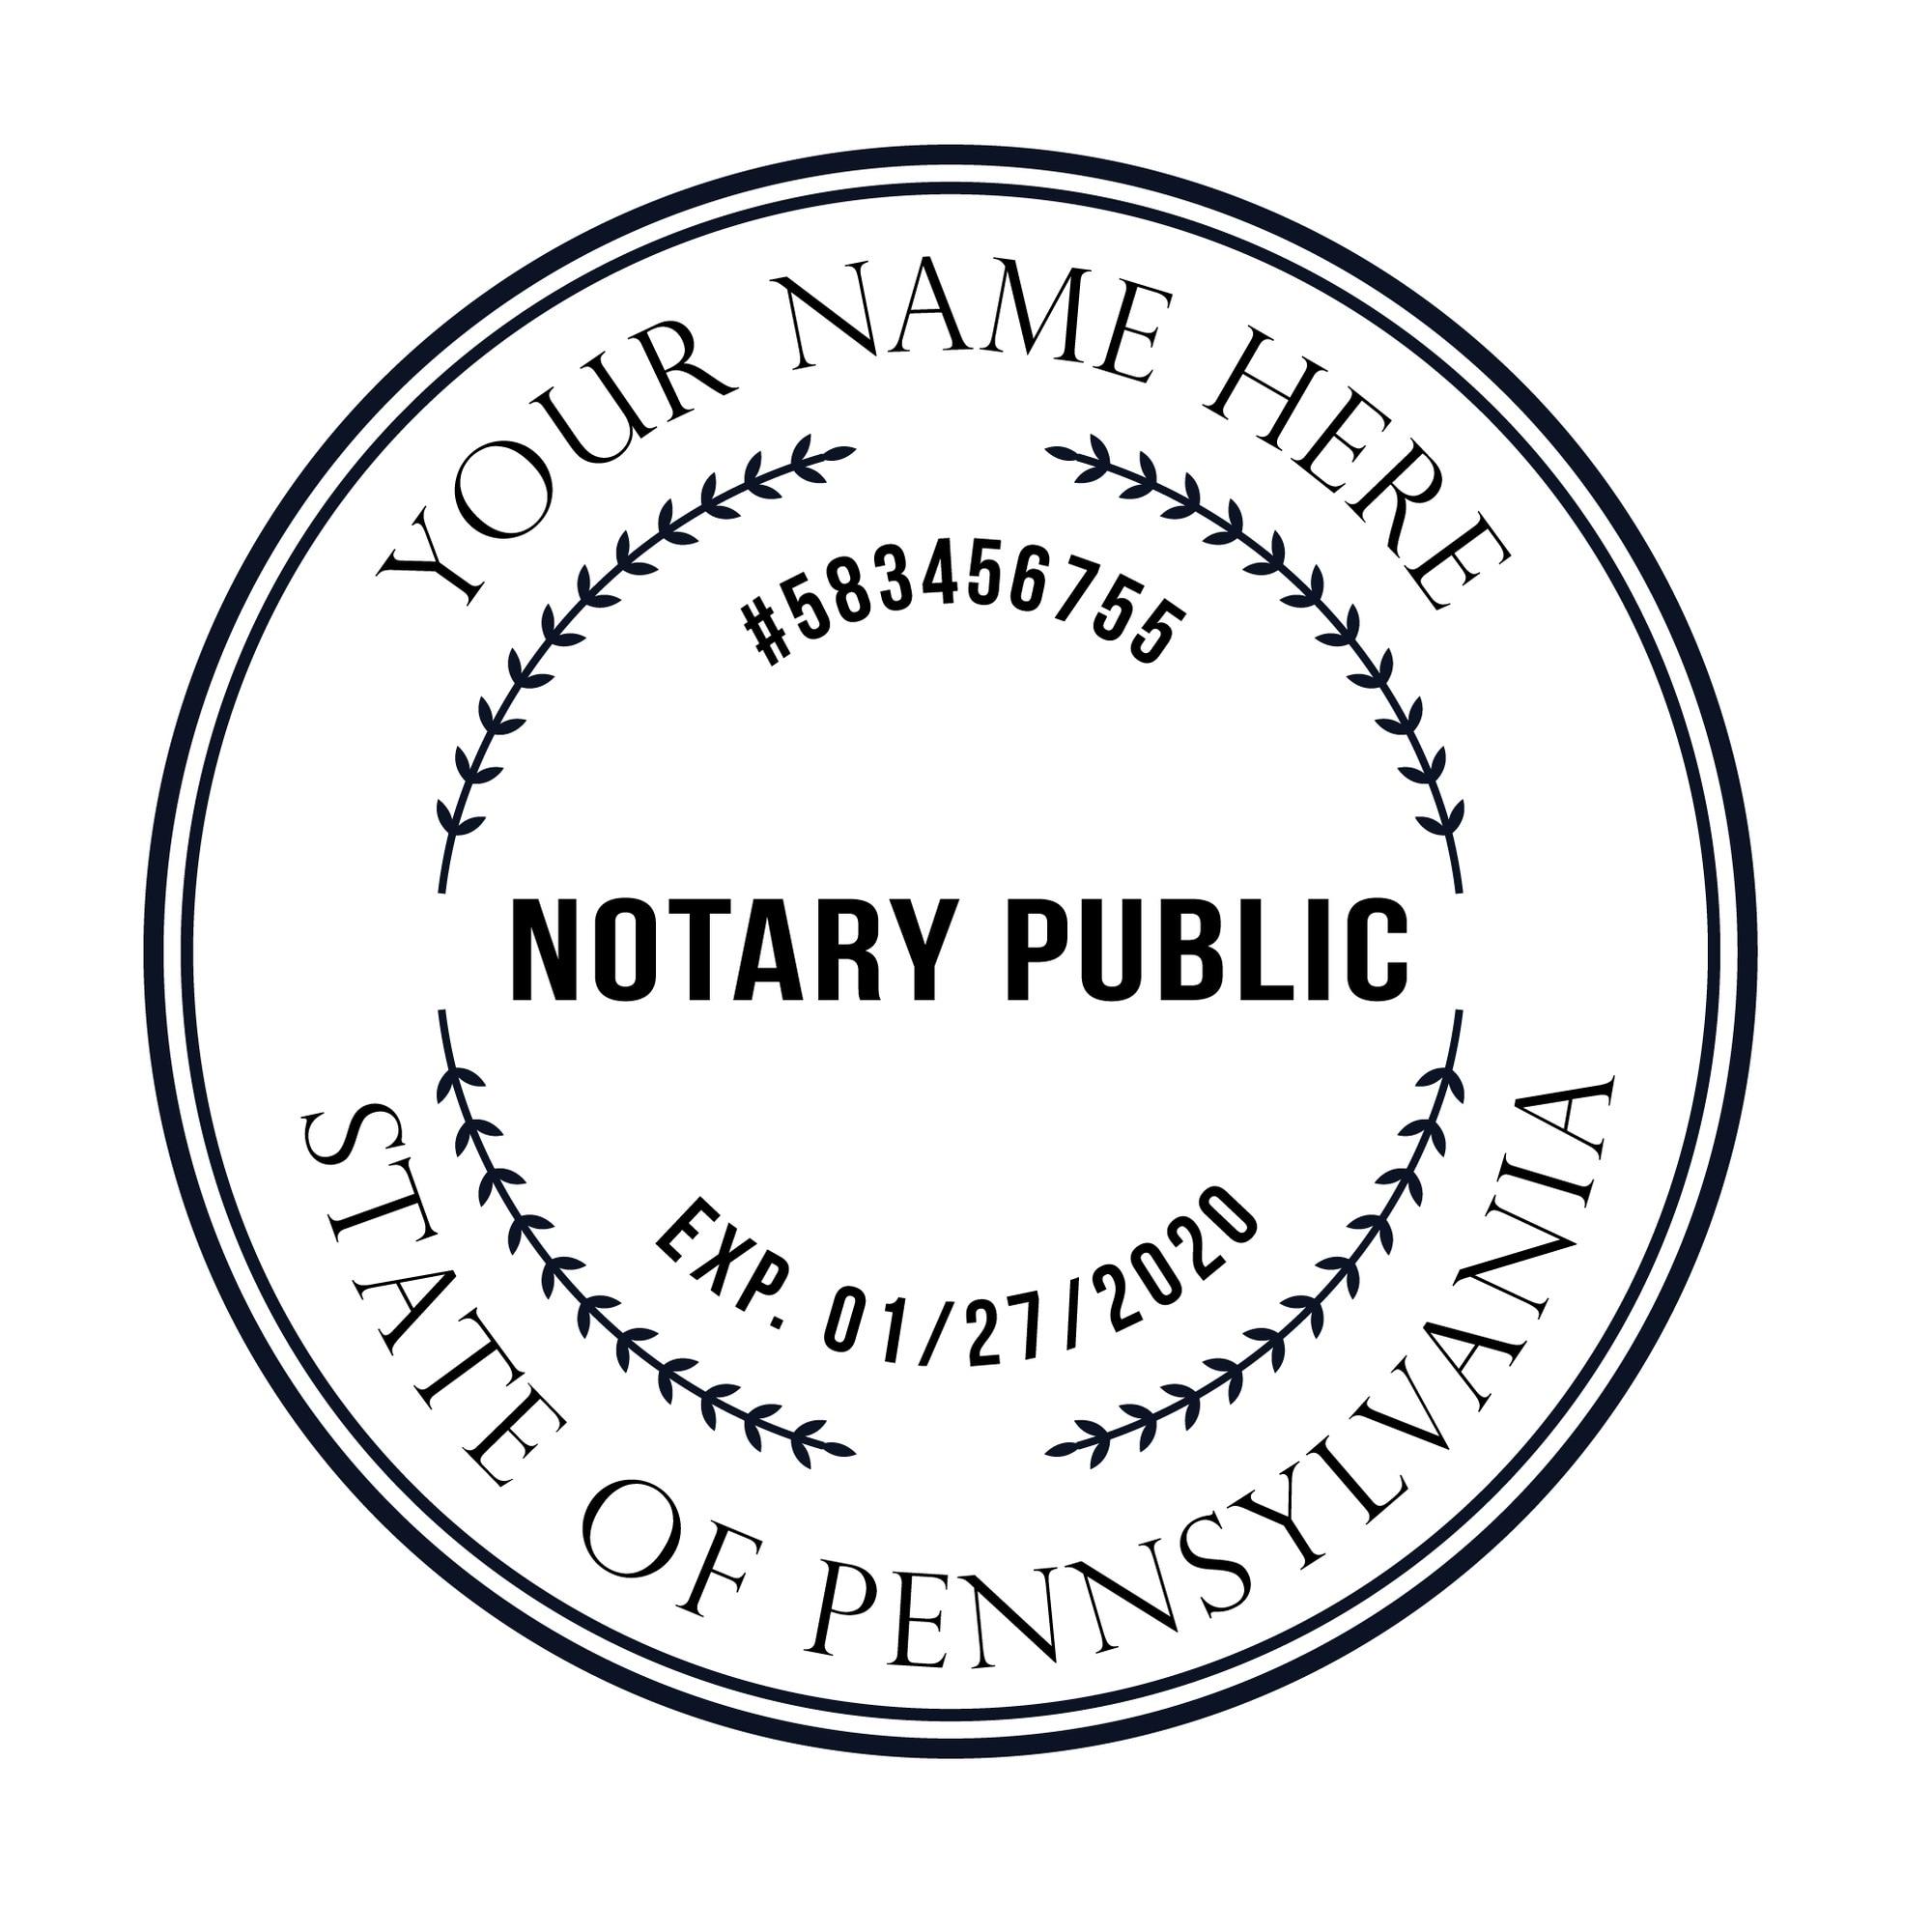 bbloop rodada notario selo para o estado de penn